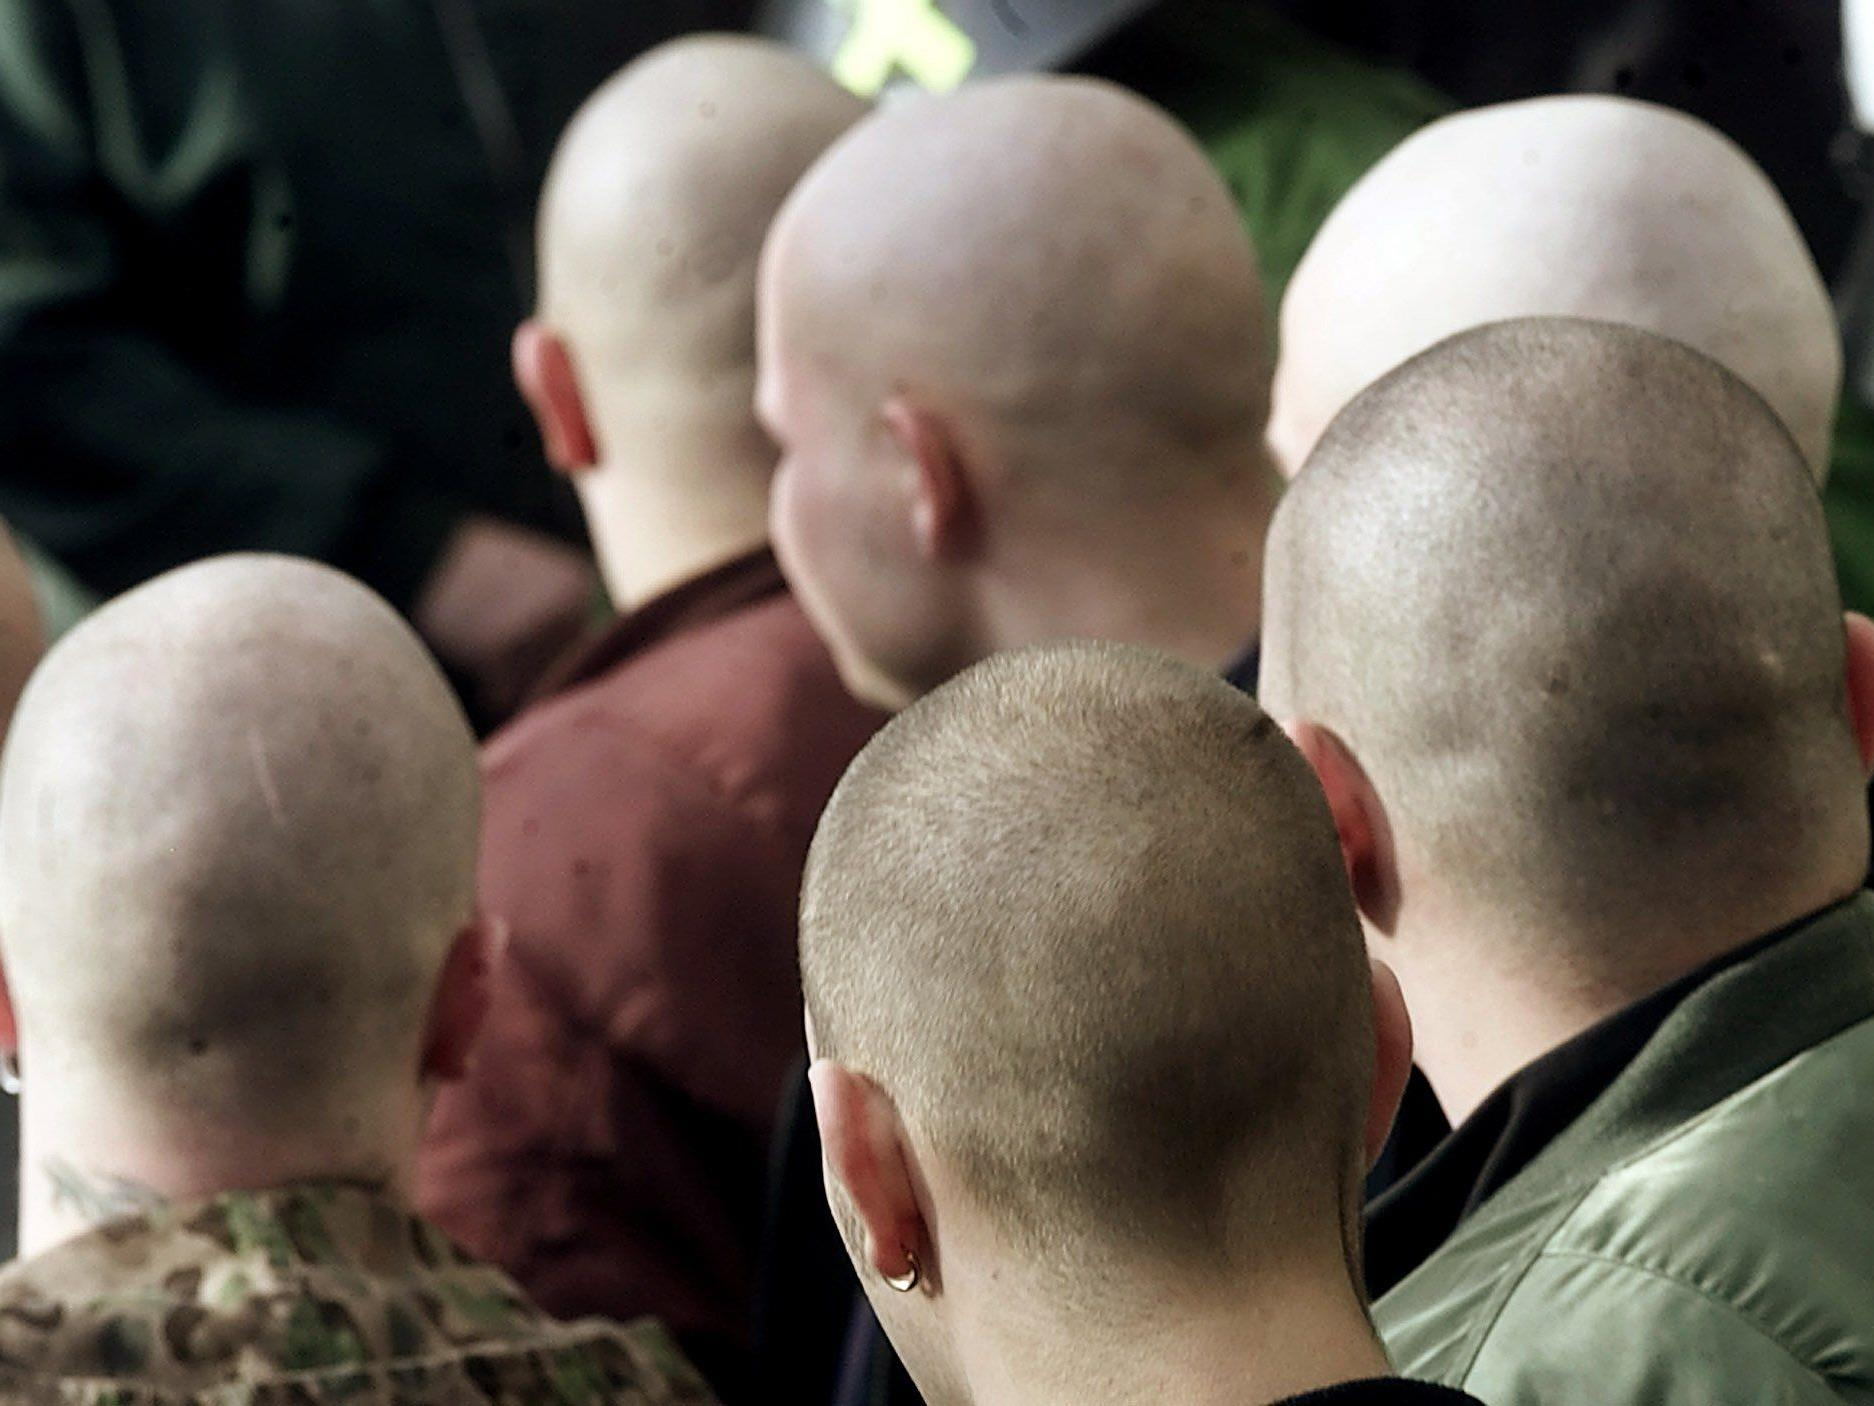 Aufmärsche von glatzköpigen Neonazis sieht man in Vorarlberg nur noch selten. Die Rechtsextremen gehen heute subtiler vor und nutzen entsprechende Symbolik oder Kleidung.